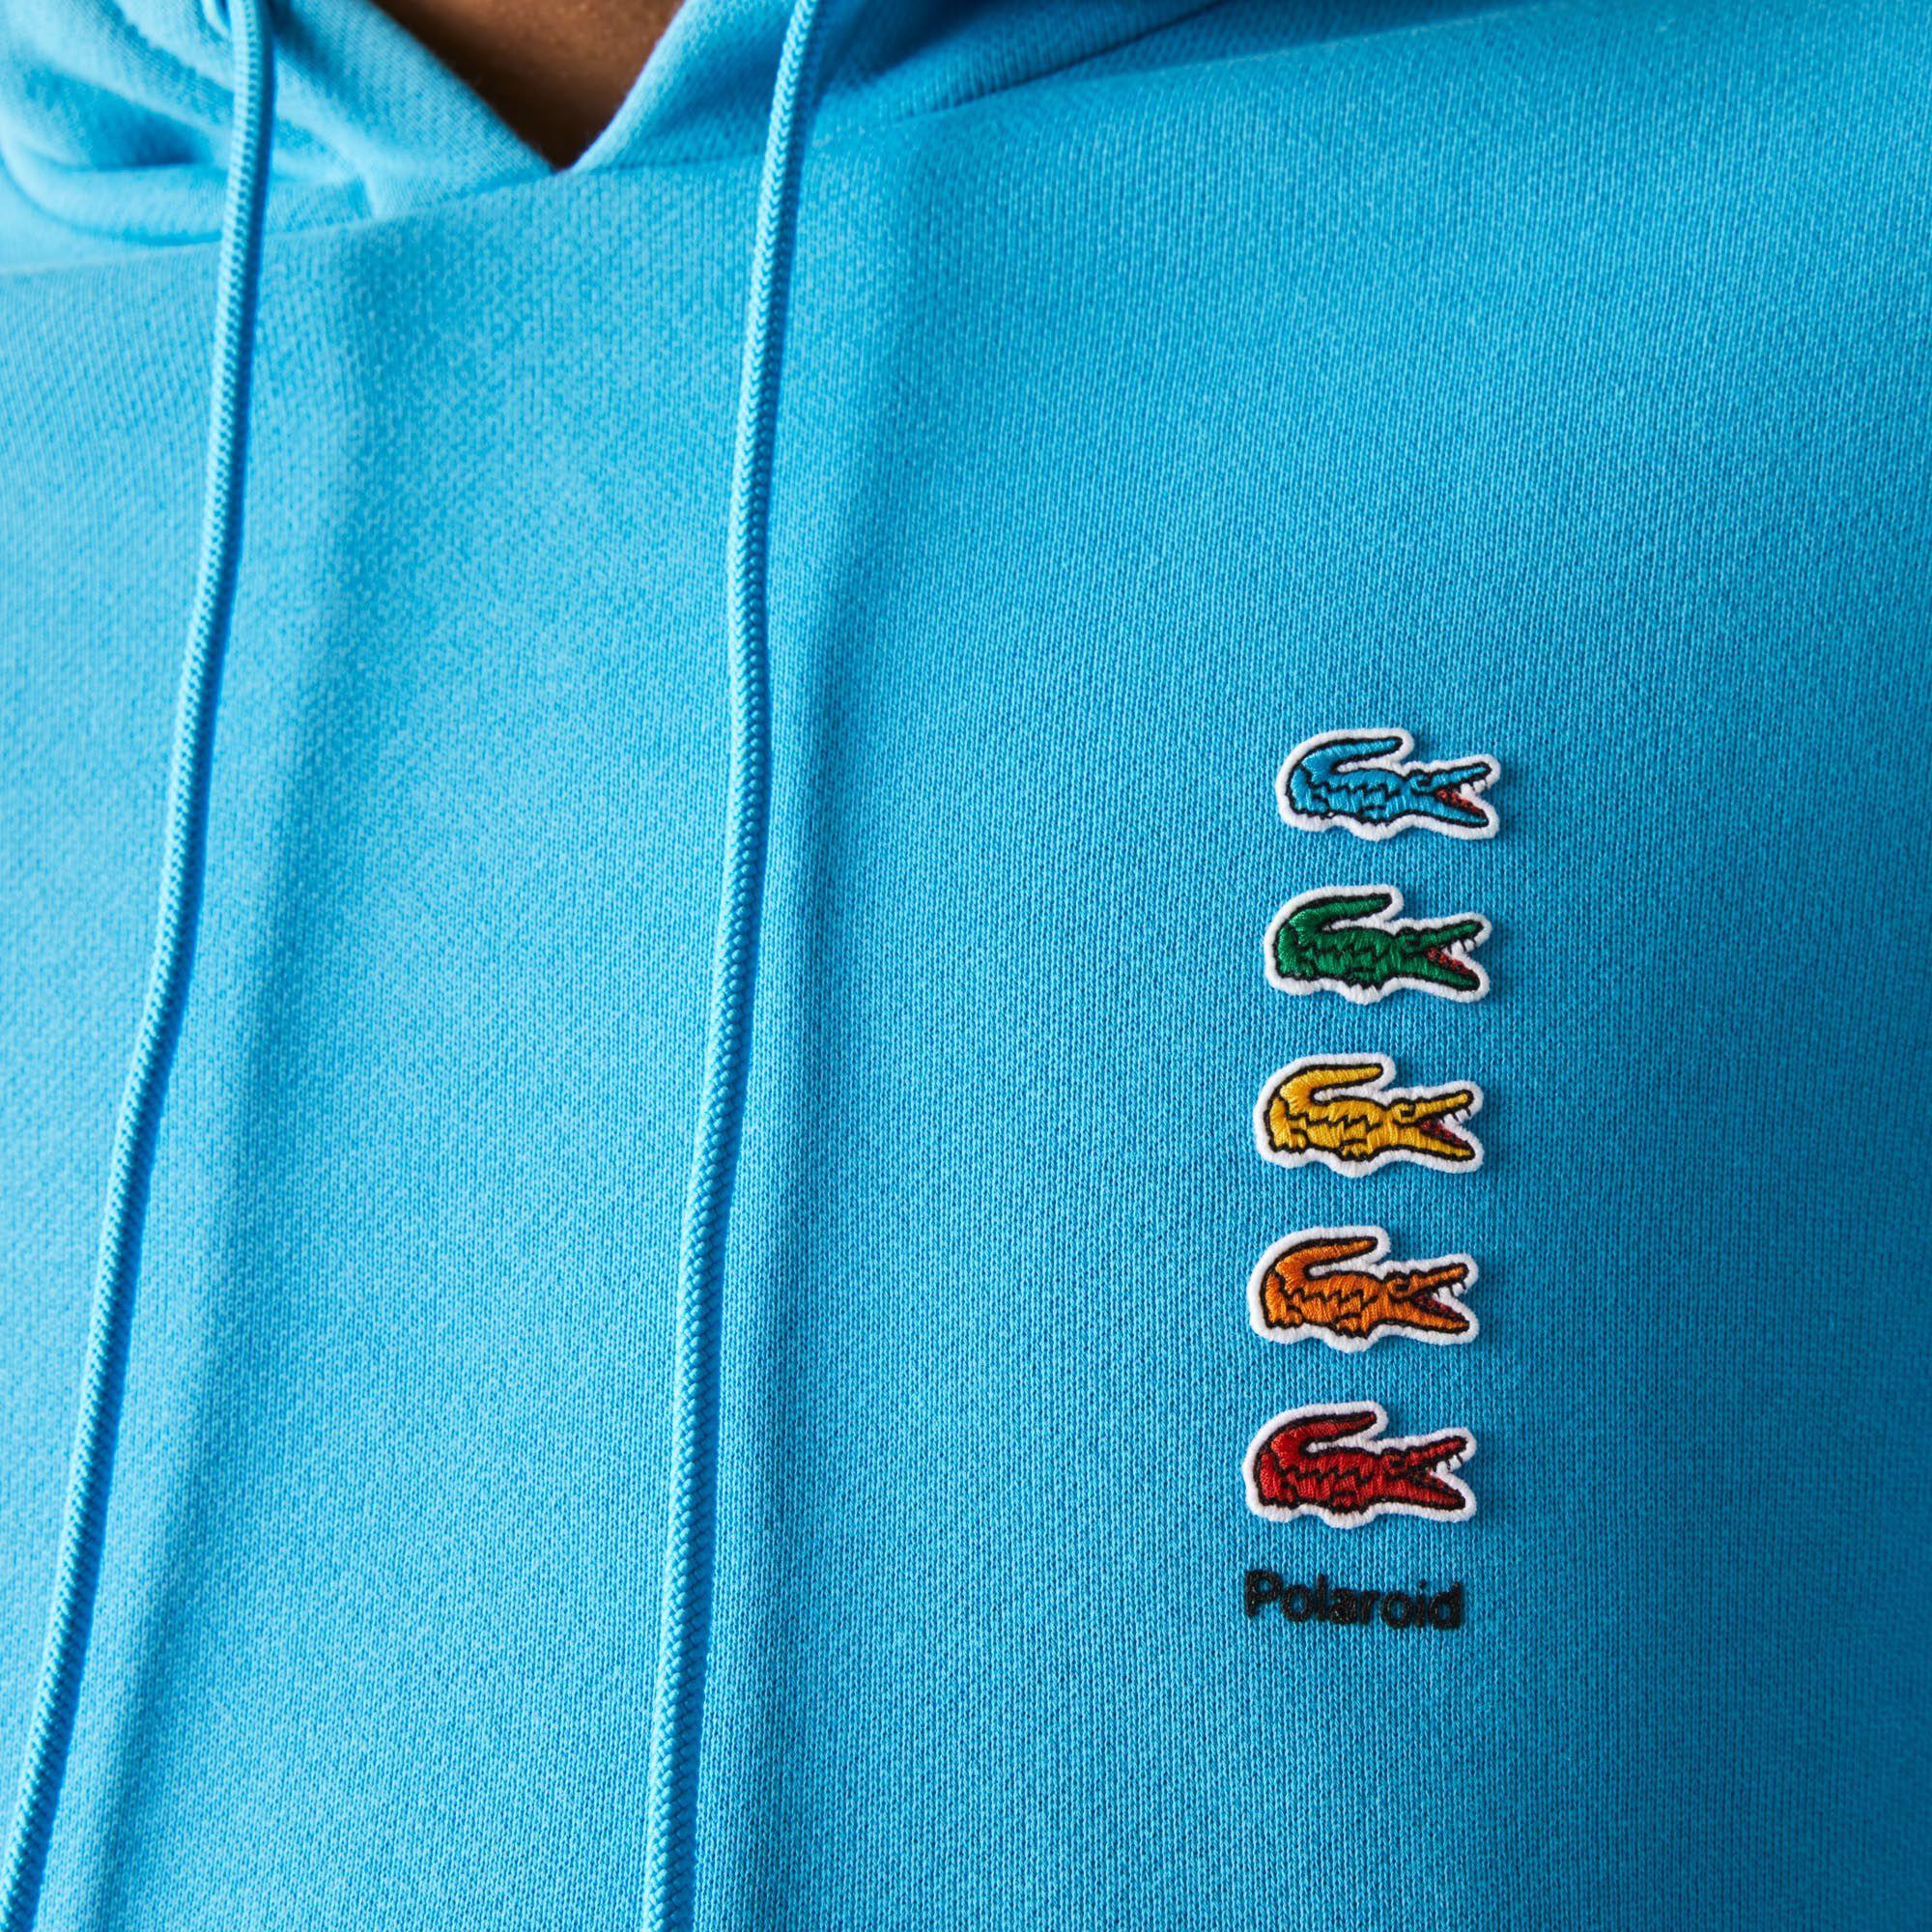 Unisex Polaroid Collaboration Cotton Fleece Sweatshirt